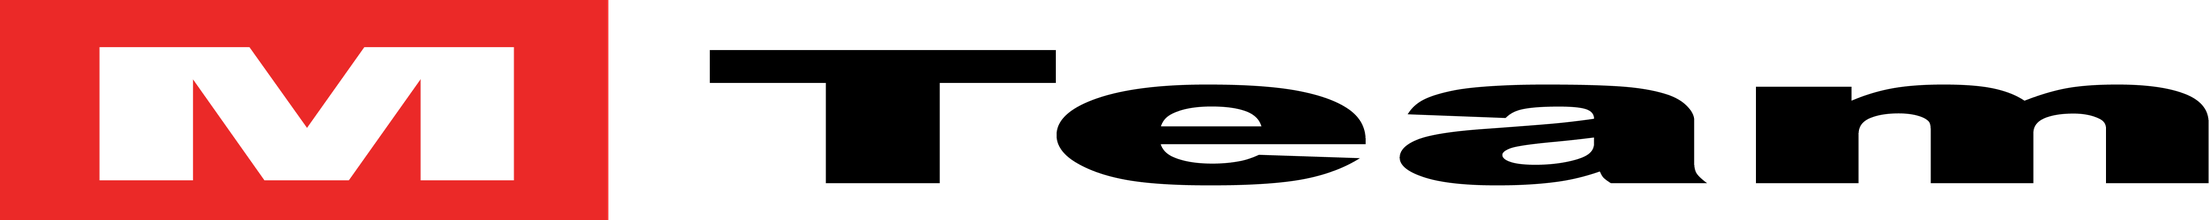 شرکت توسعه کسب و کار MTeam